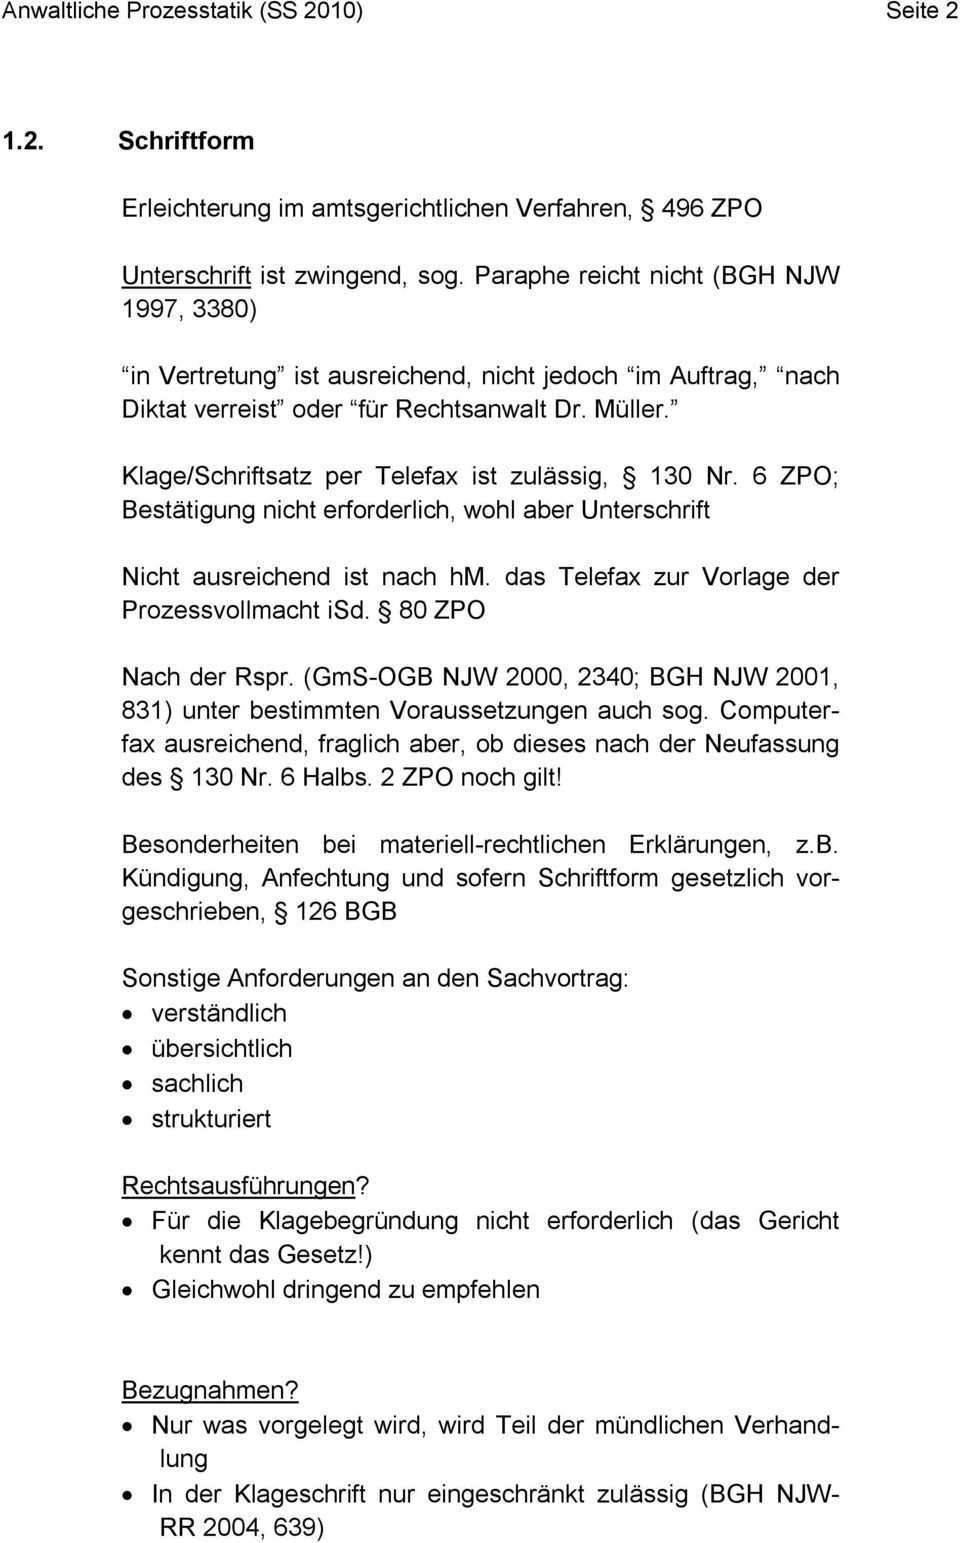 Anwaltliche Prozesstaktik Spb 2 Sommersemester 2010 Hs Pdf Kostenfreier Download